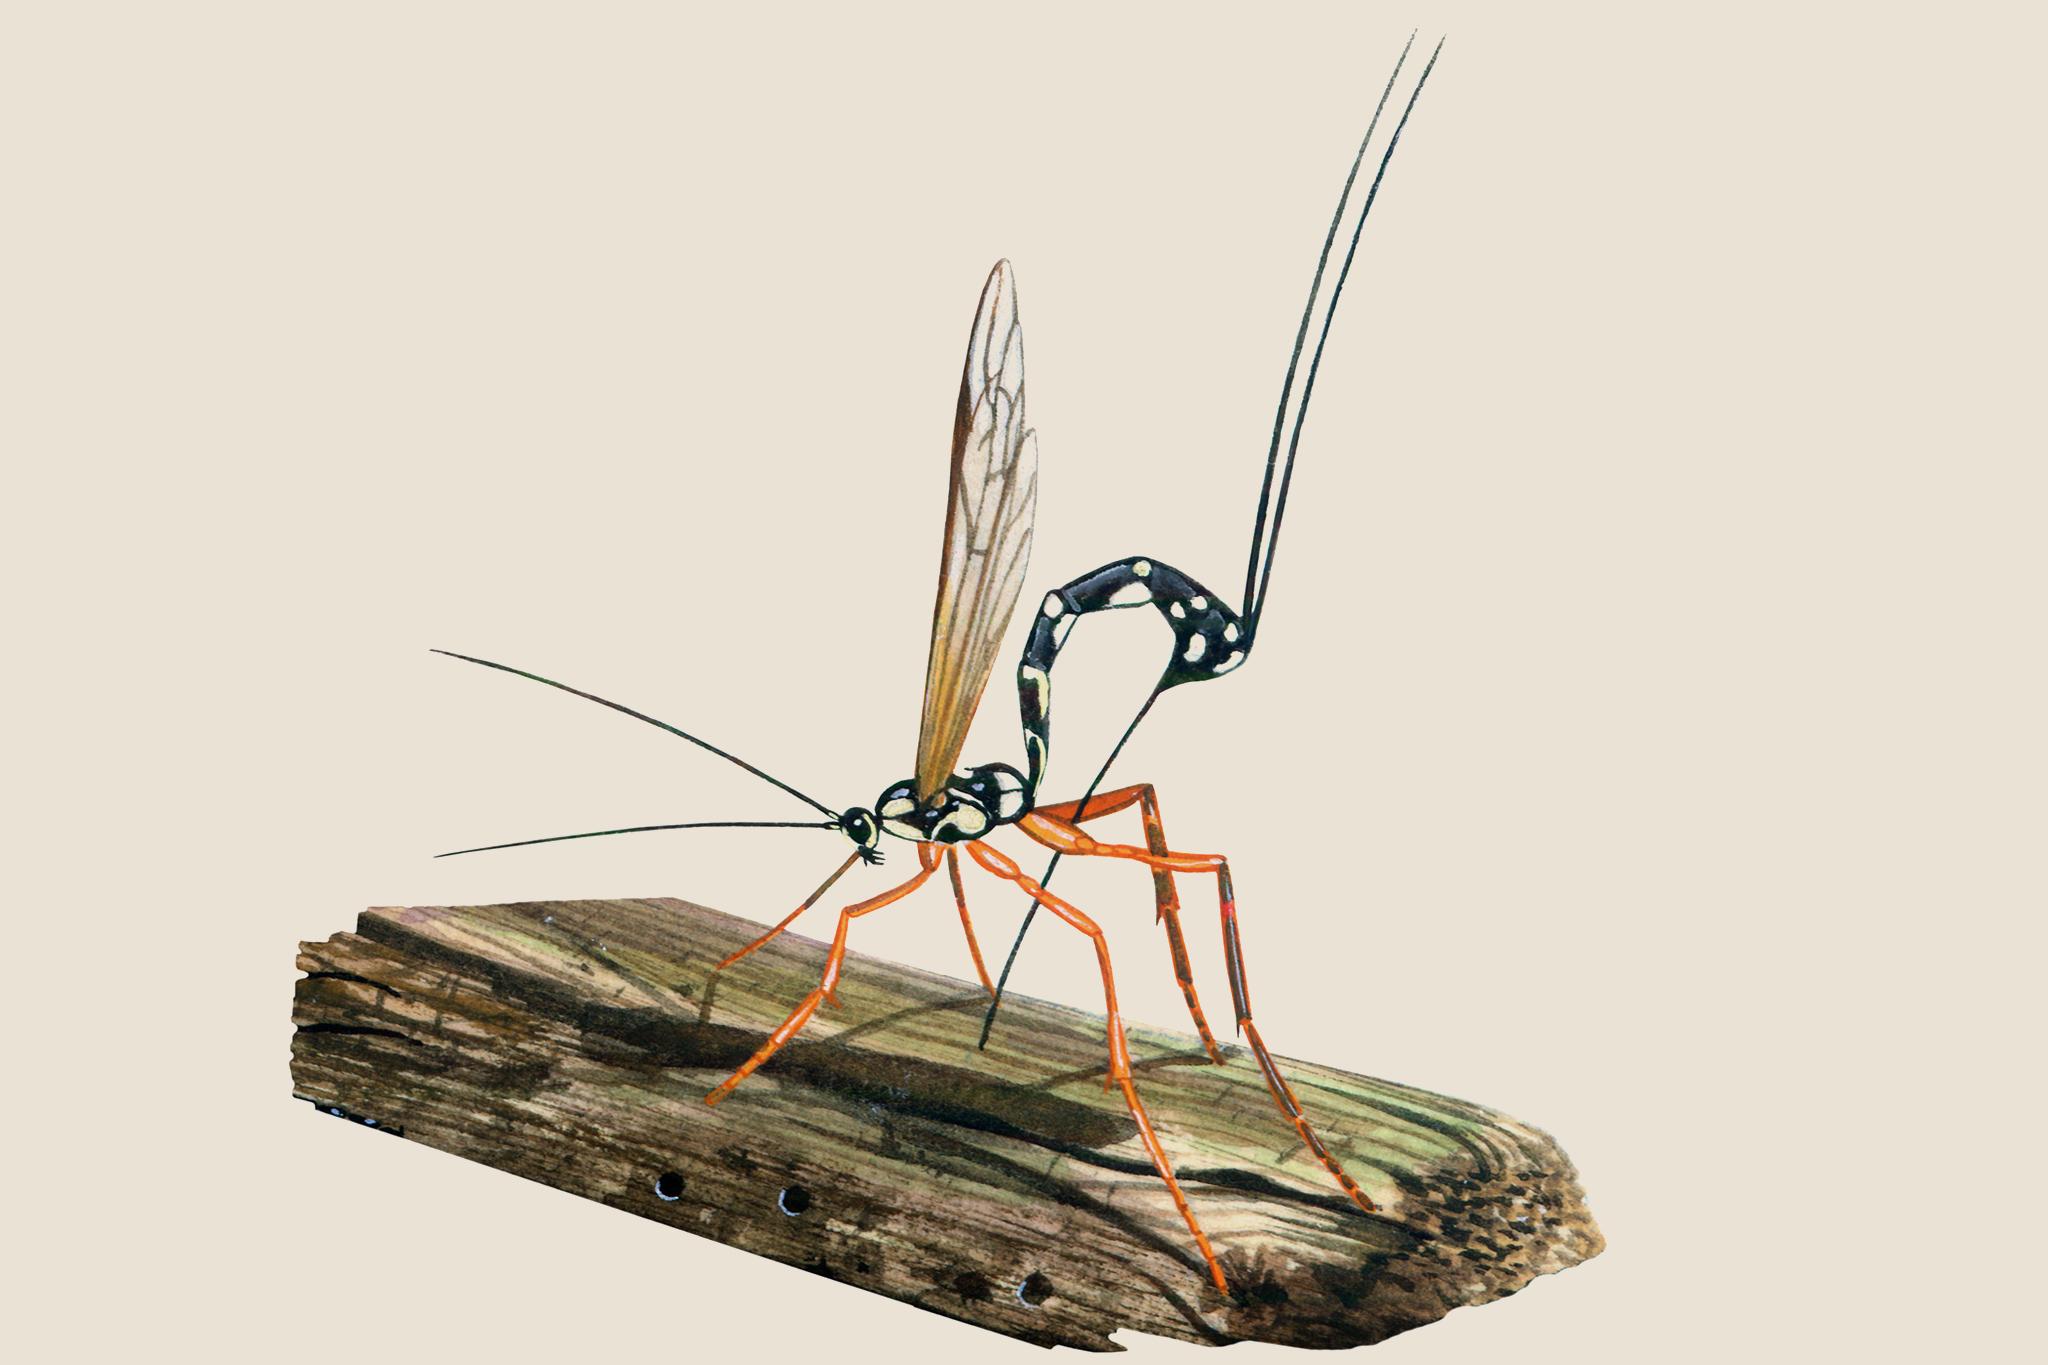 Garden wildlife identifier: wasps